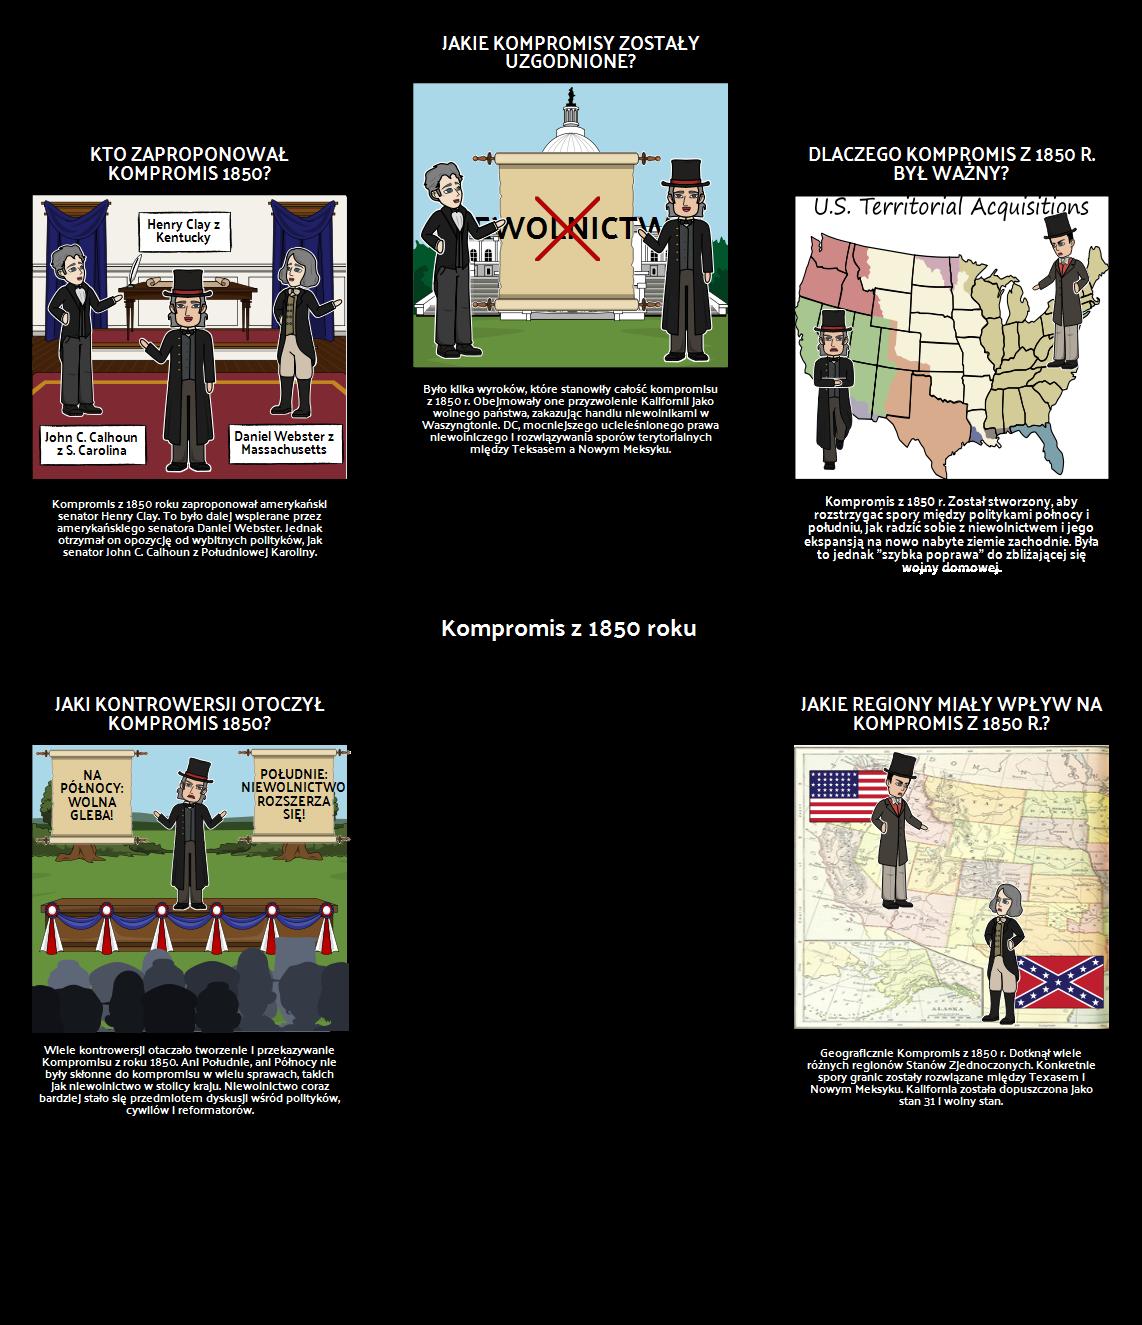 1850s Ameryka - Kompromis z roku 1850